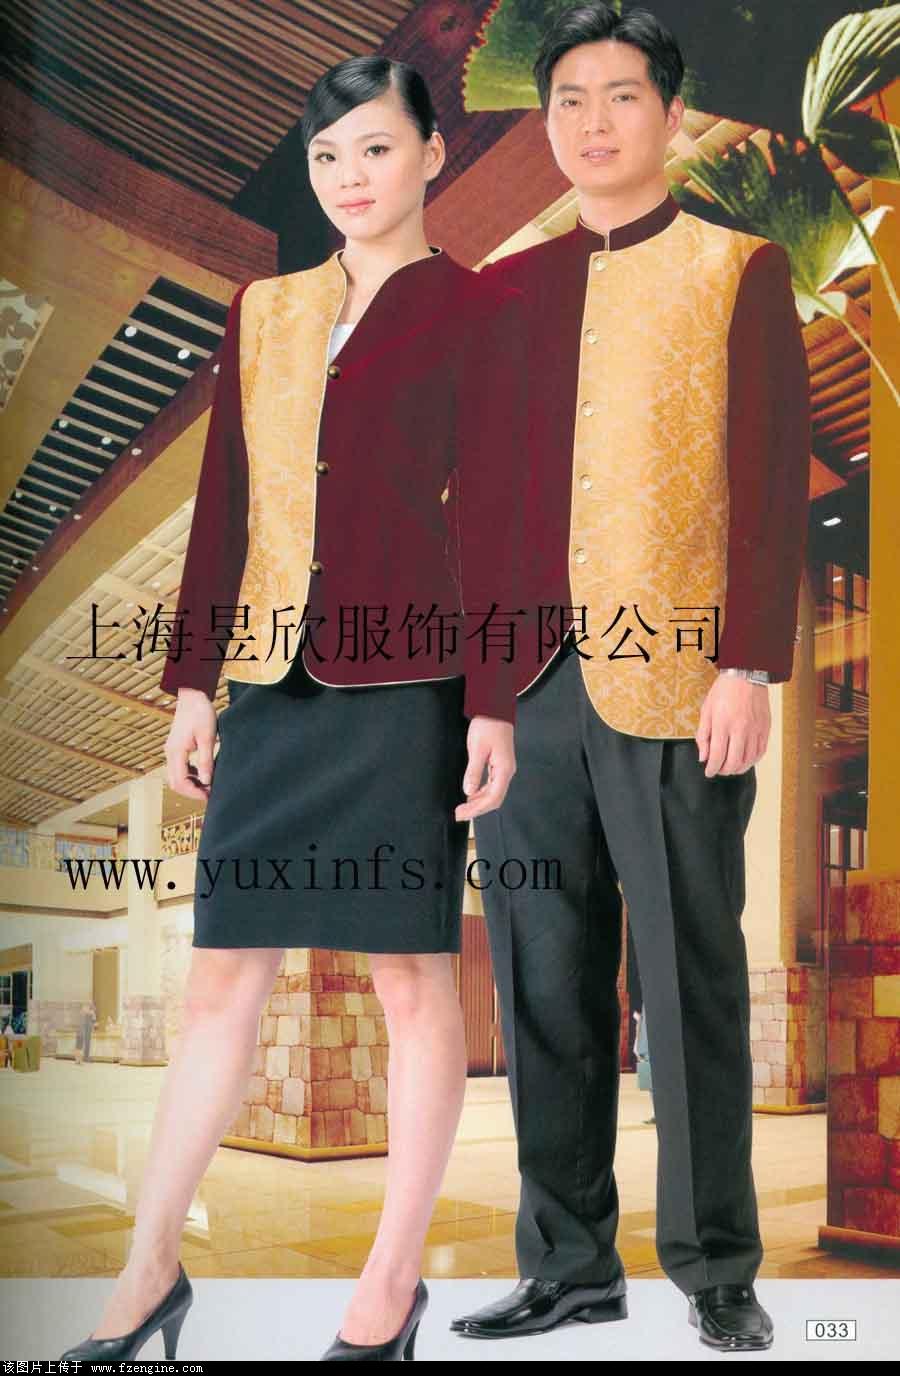 上海酒店员工制服定做 上海酒店制服低价订